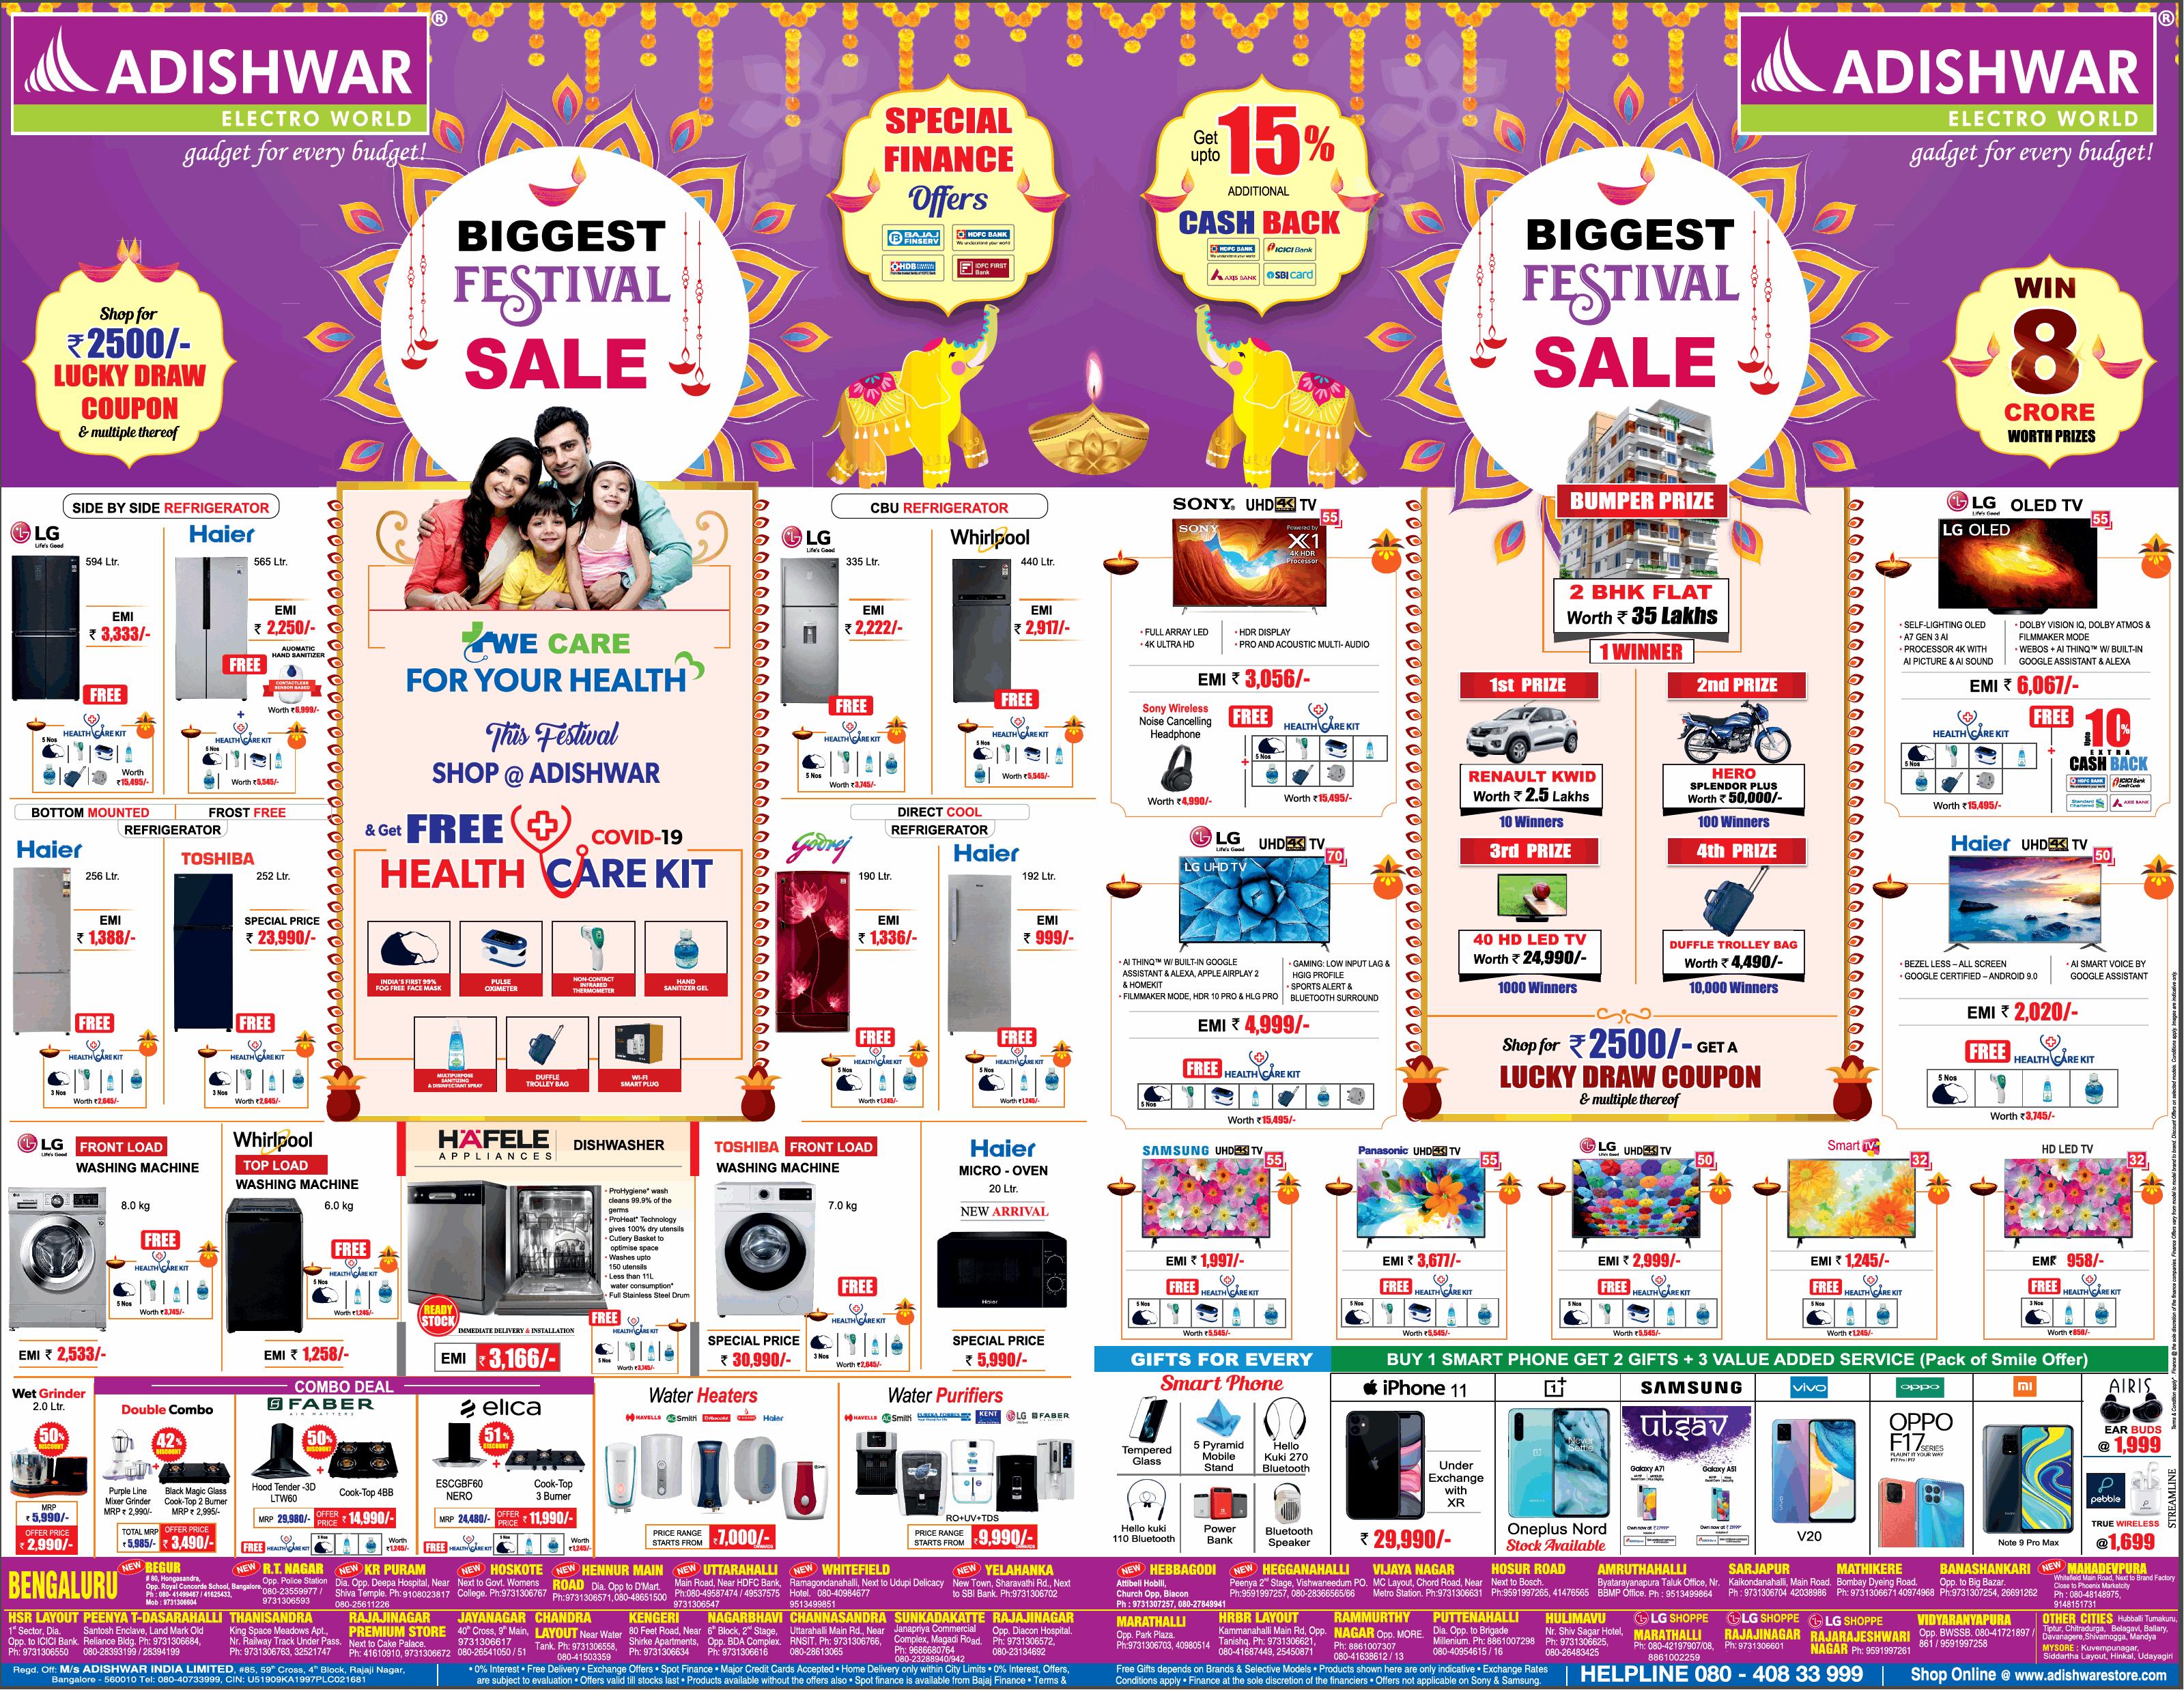 adishwar-electro-world-biggest-festival-sale-ad-bangalore-times-31-10-2020